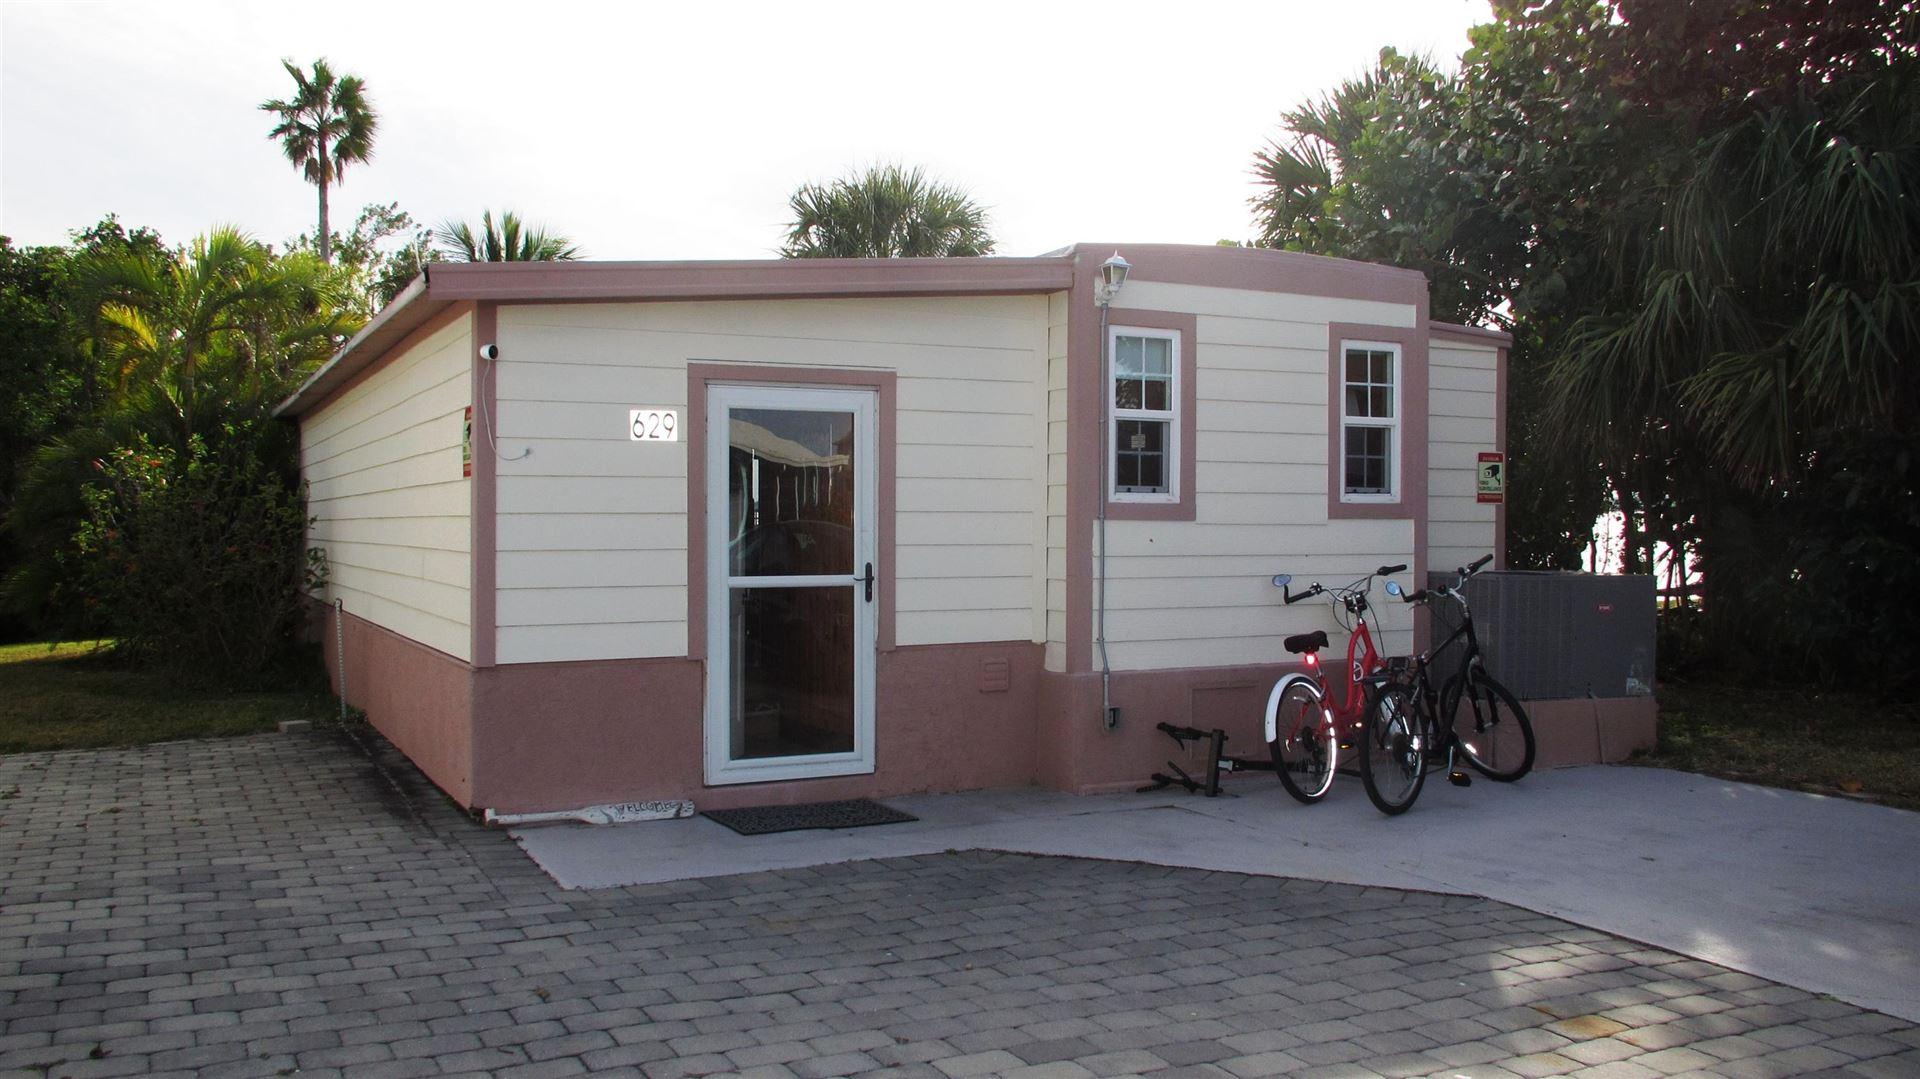 10701 Ocean S Drive #629, Fort Pierce, FL 34950 - #: RX-10685666